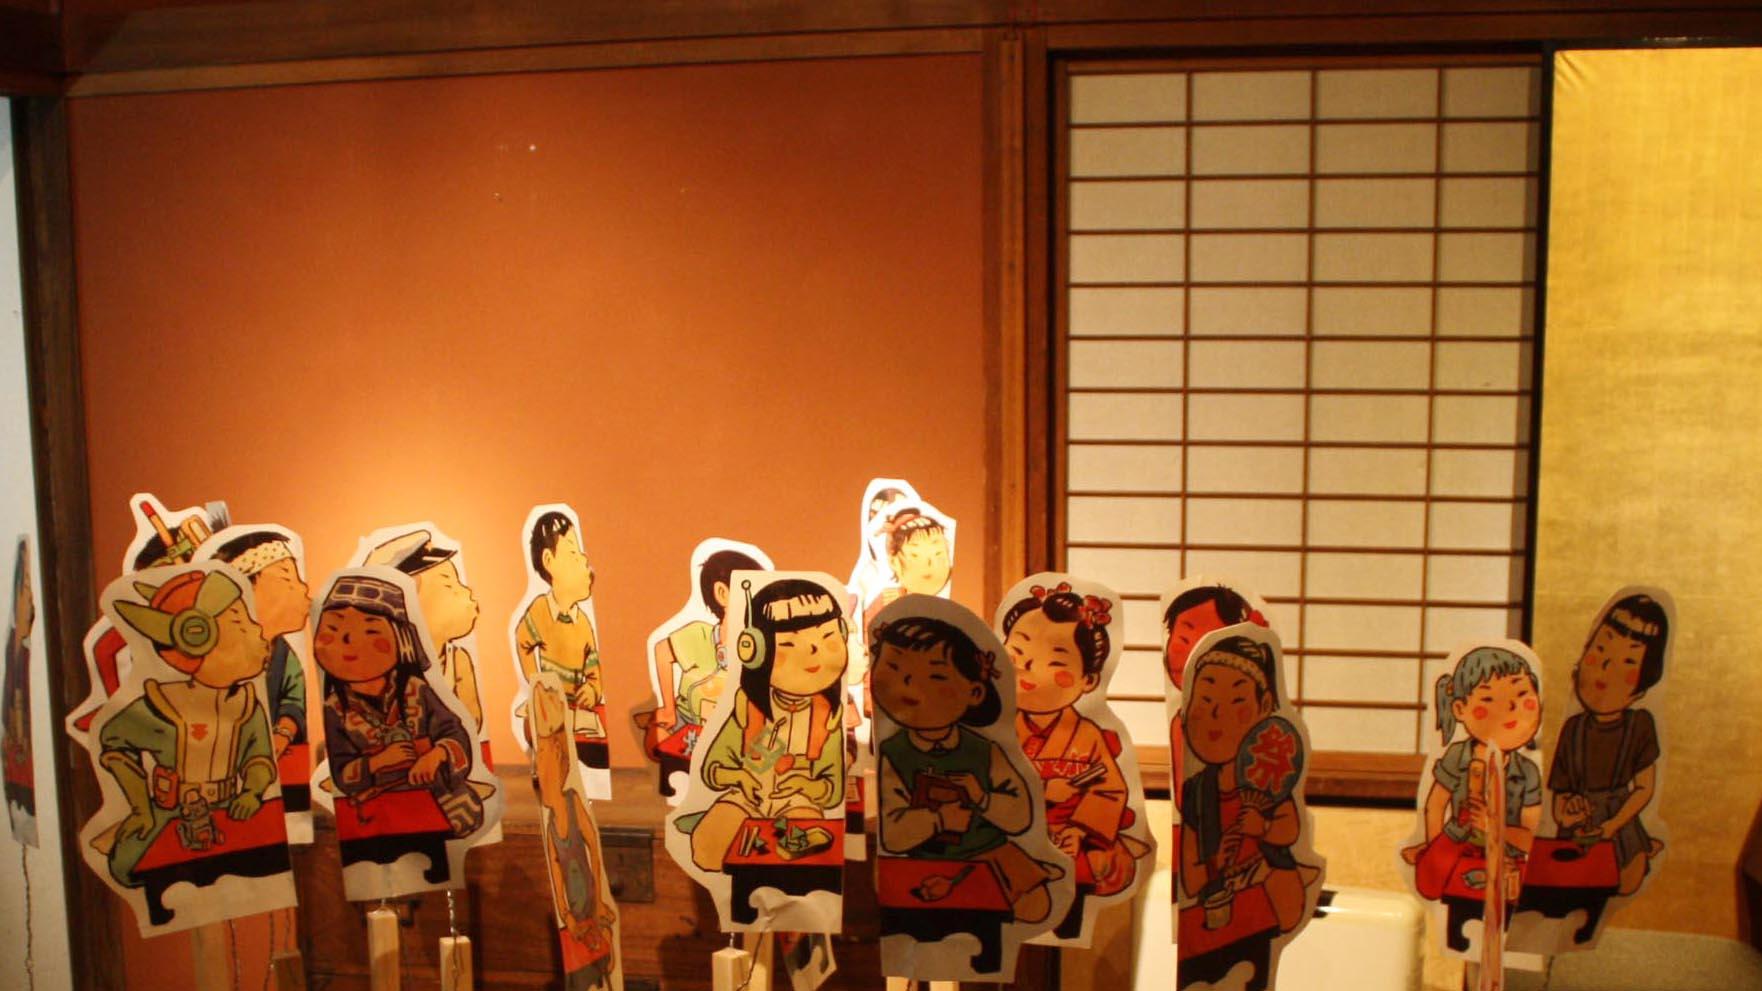 『春山登山2014展』が始まり、日本海タワーでチーム蔵織も参加しています。_d0178448_16370457.jpg